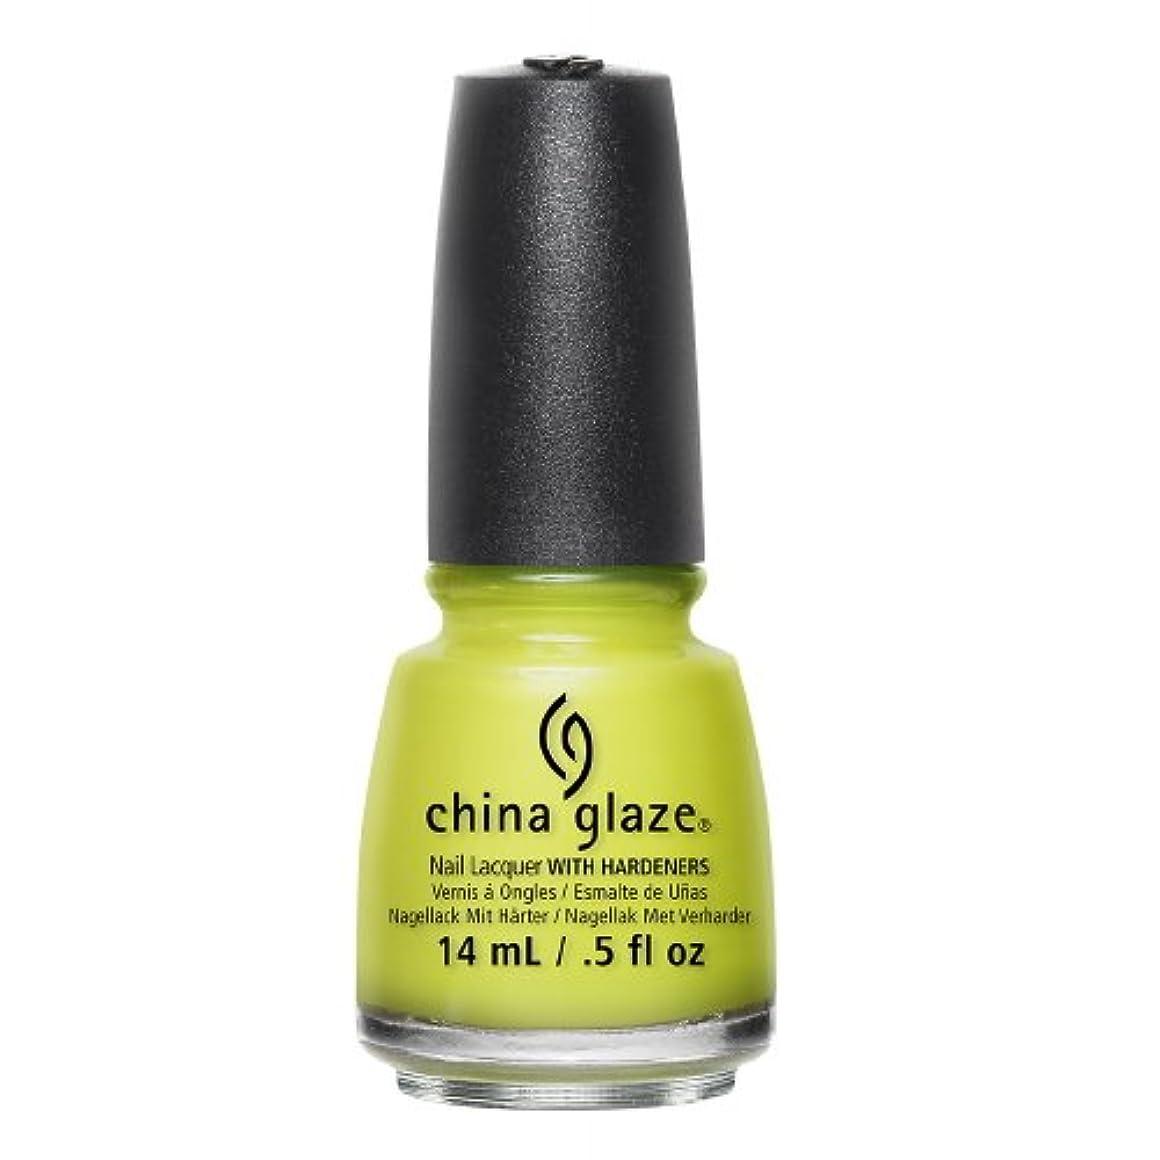 歌詞給料潜む(3 Pack) CHINA GLAZE Nail Lacquer - Road Trip - Trip of A Limetime (並行輸入品)